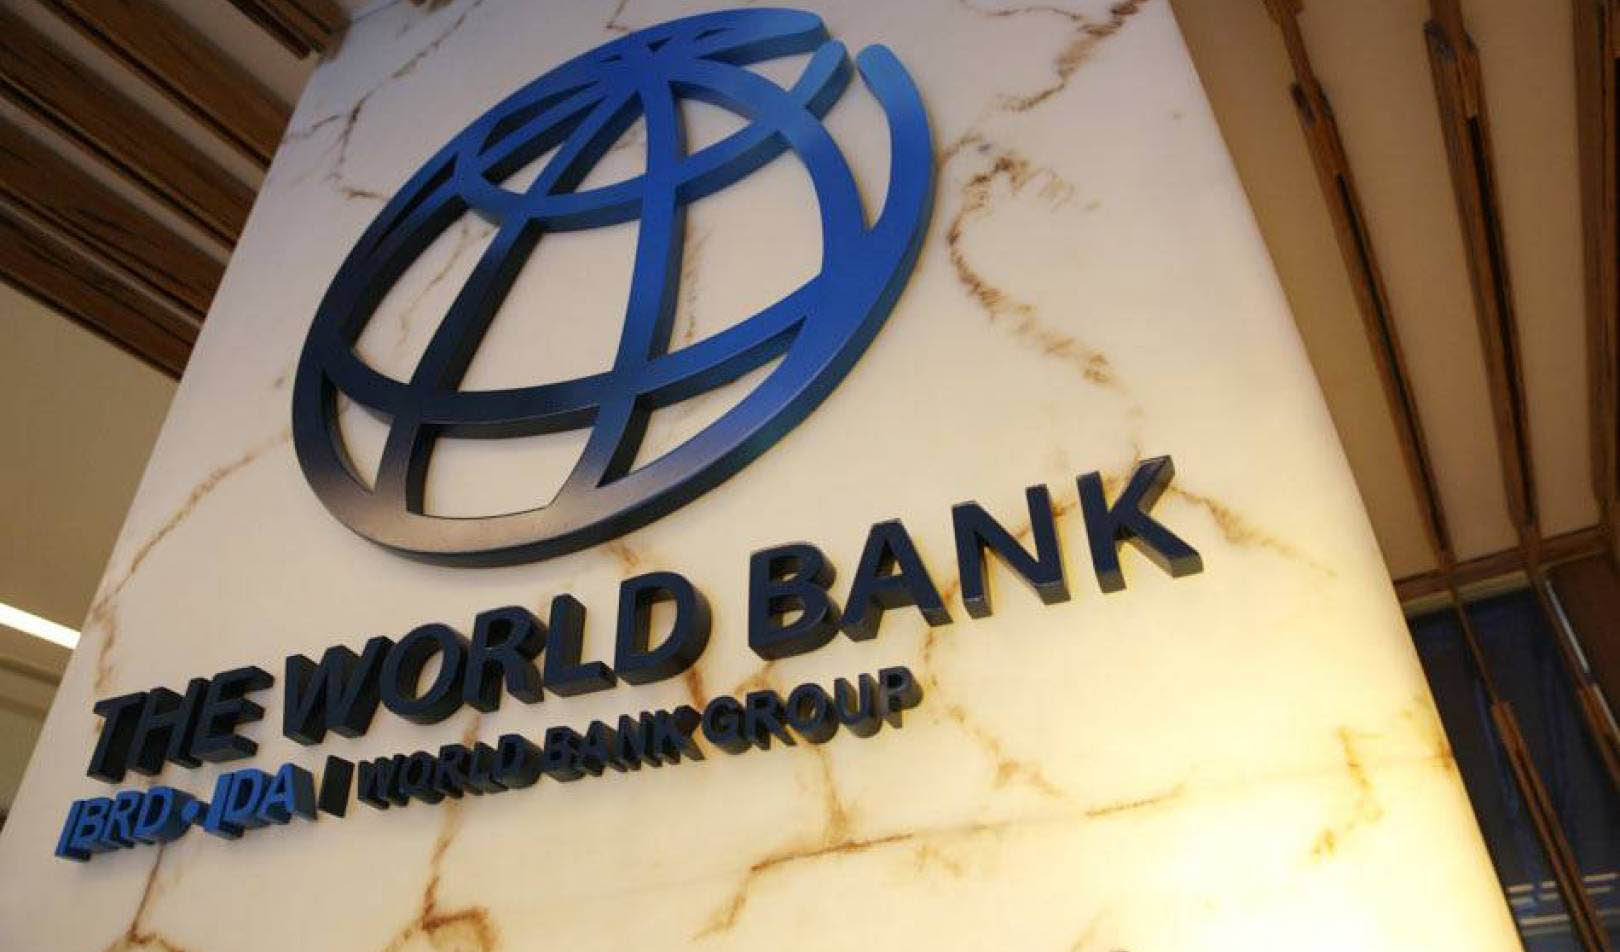 برآورد بانک جهانی از رشد اقتصادی کشورهای مختلف